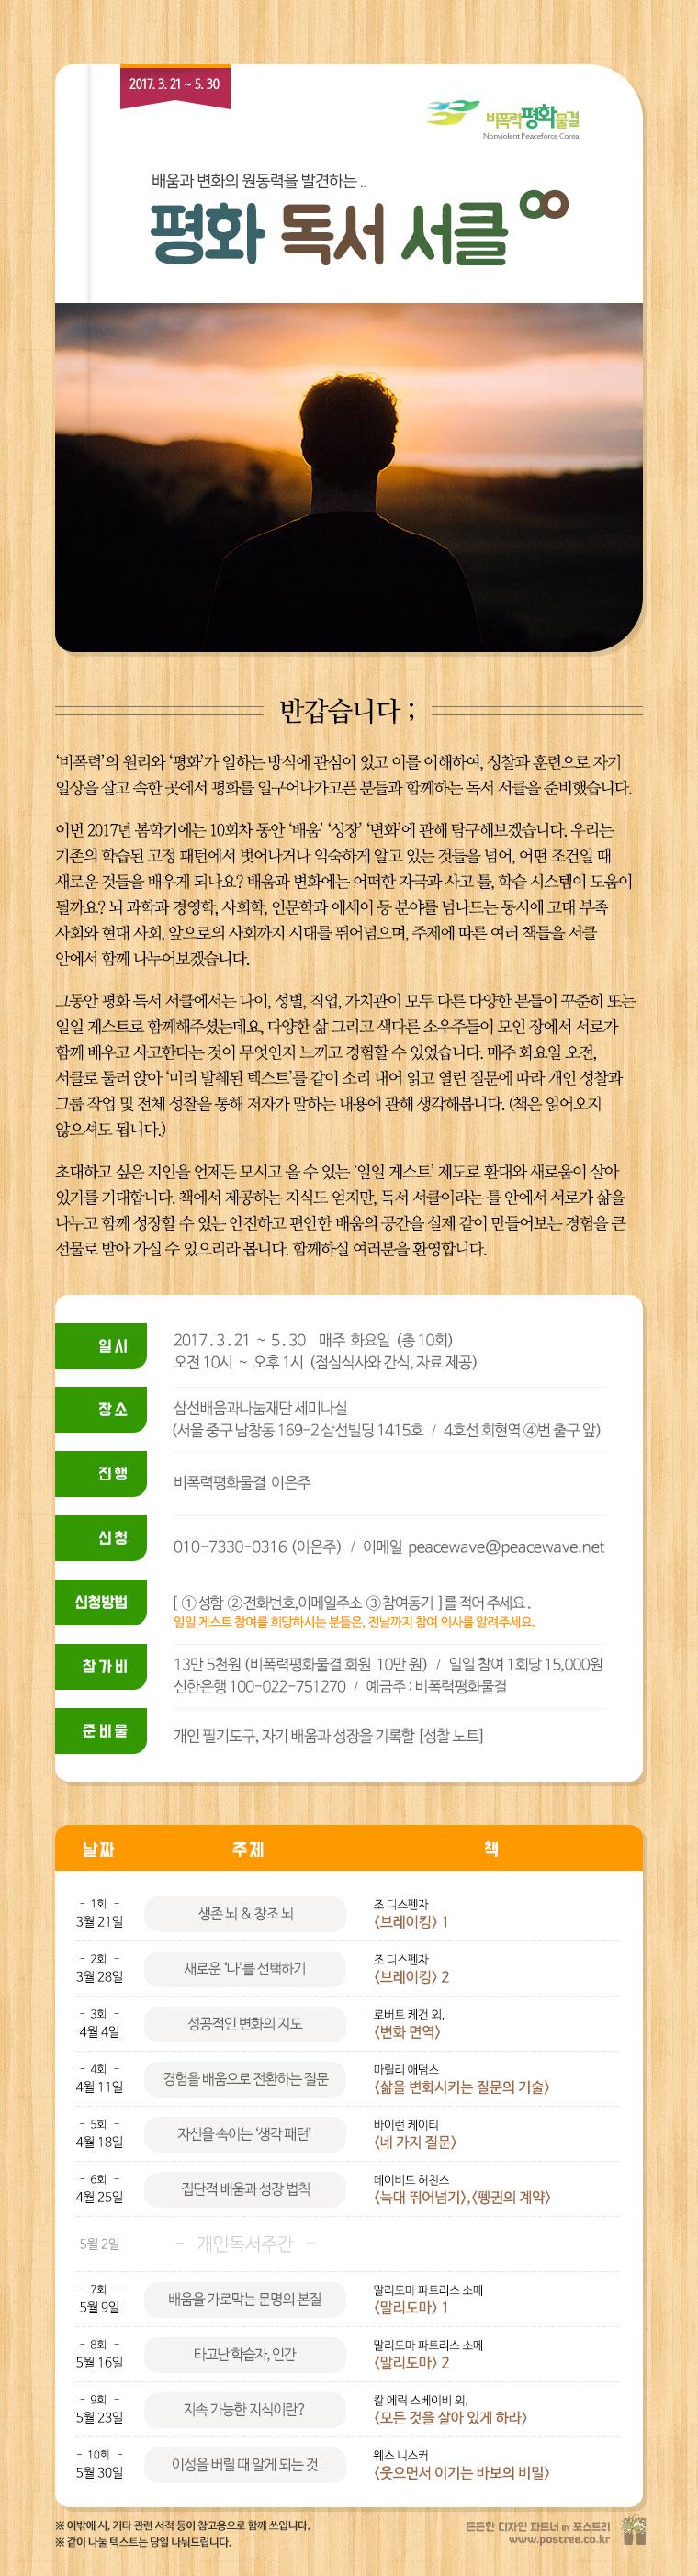 독서모임_20170201_v2